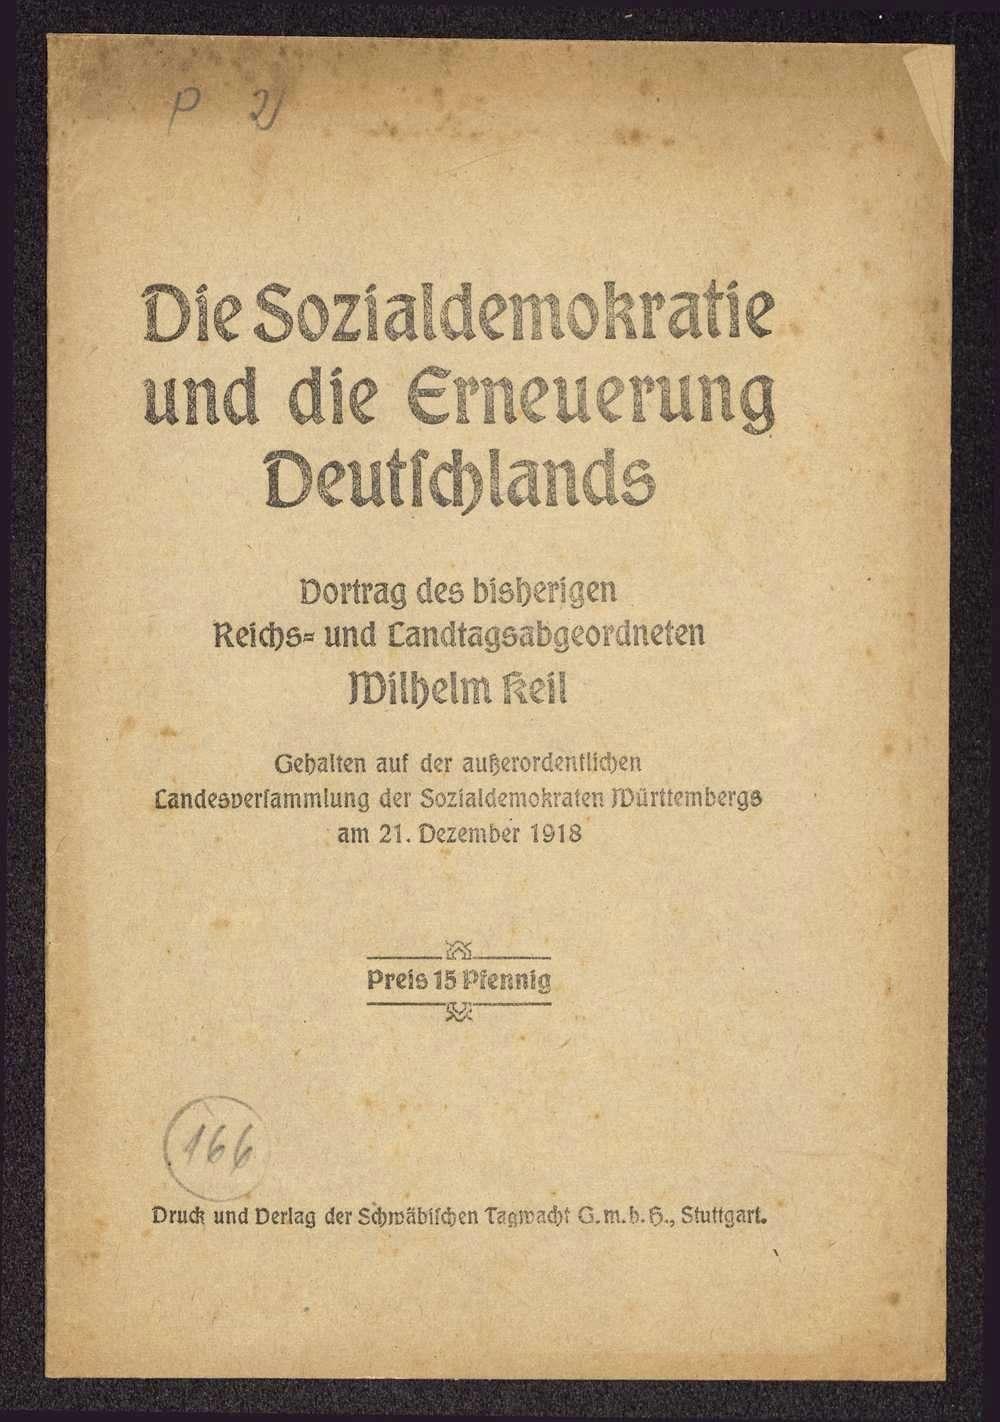 Wilhelm Keil: Die Sozialdemokratie und die Erneuerung Deutschlands. Vortrag ... auf der außerordentlichen Landesversammlung der Sozialdemokraten Württembergs am 21. Dezember 1918 (Schwäbische Tagwacht G.m.b.H., Stuttgart), Bild 1